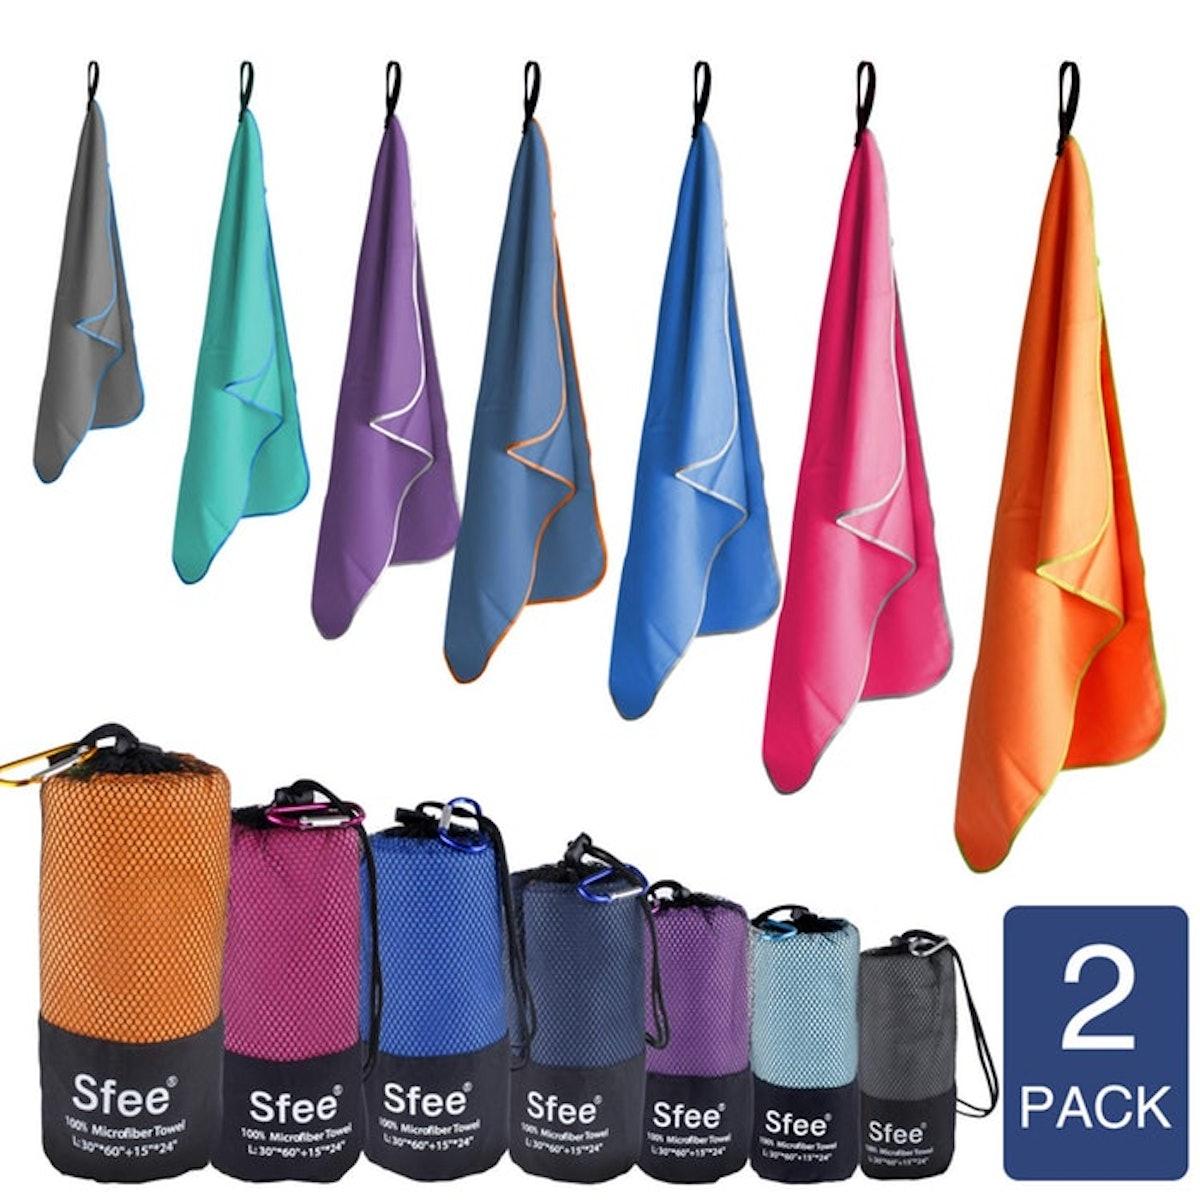 Sfee Travel Towel (2 Pack)